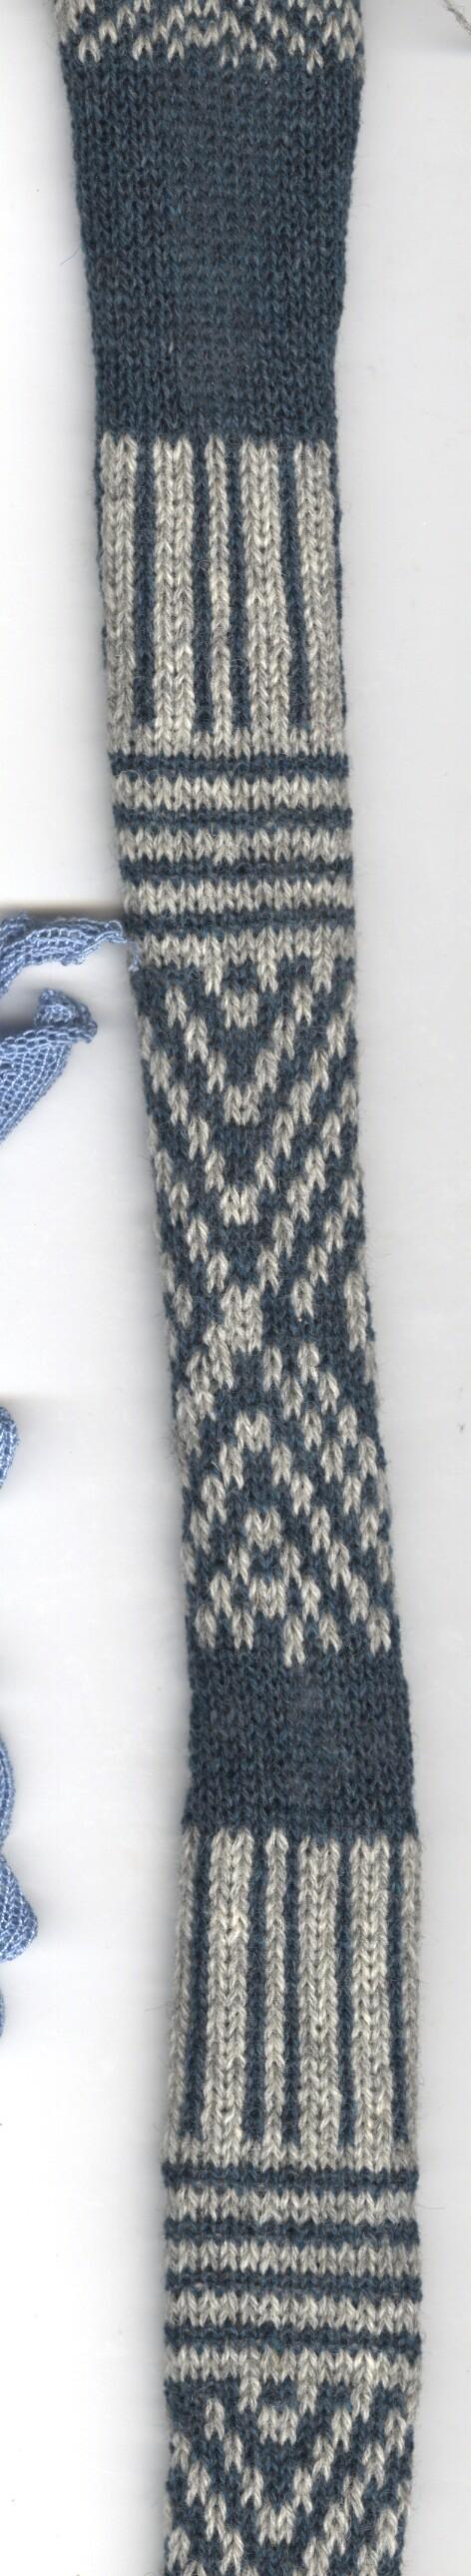 knit swatch 5